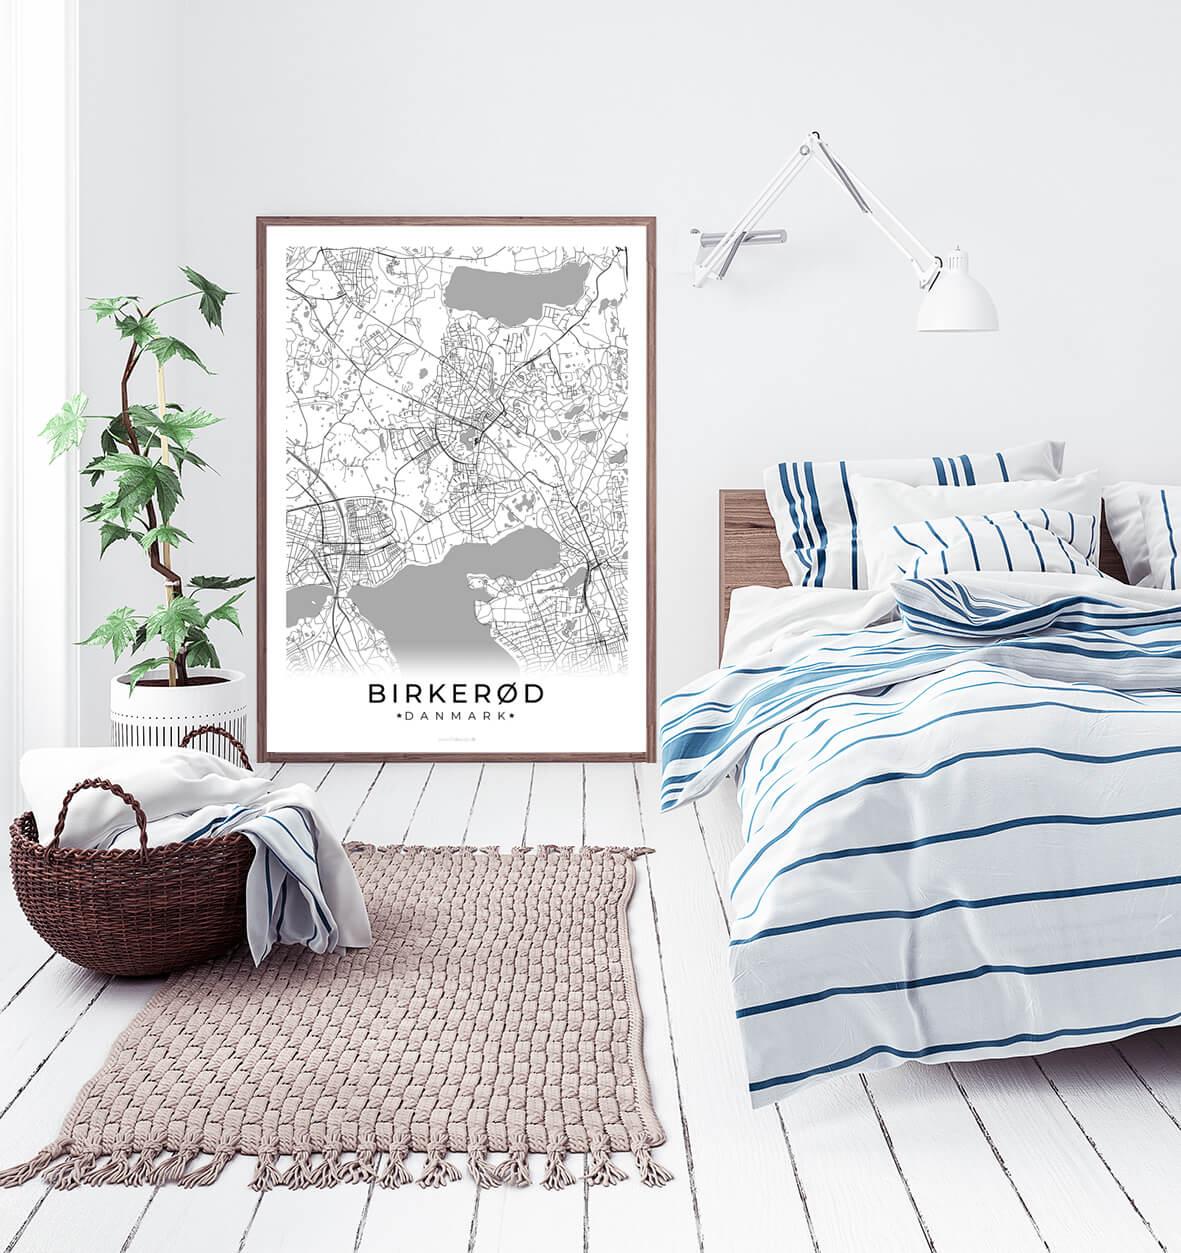 Birkeroed-hvid-byplakat-2